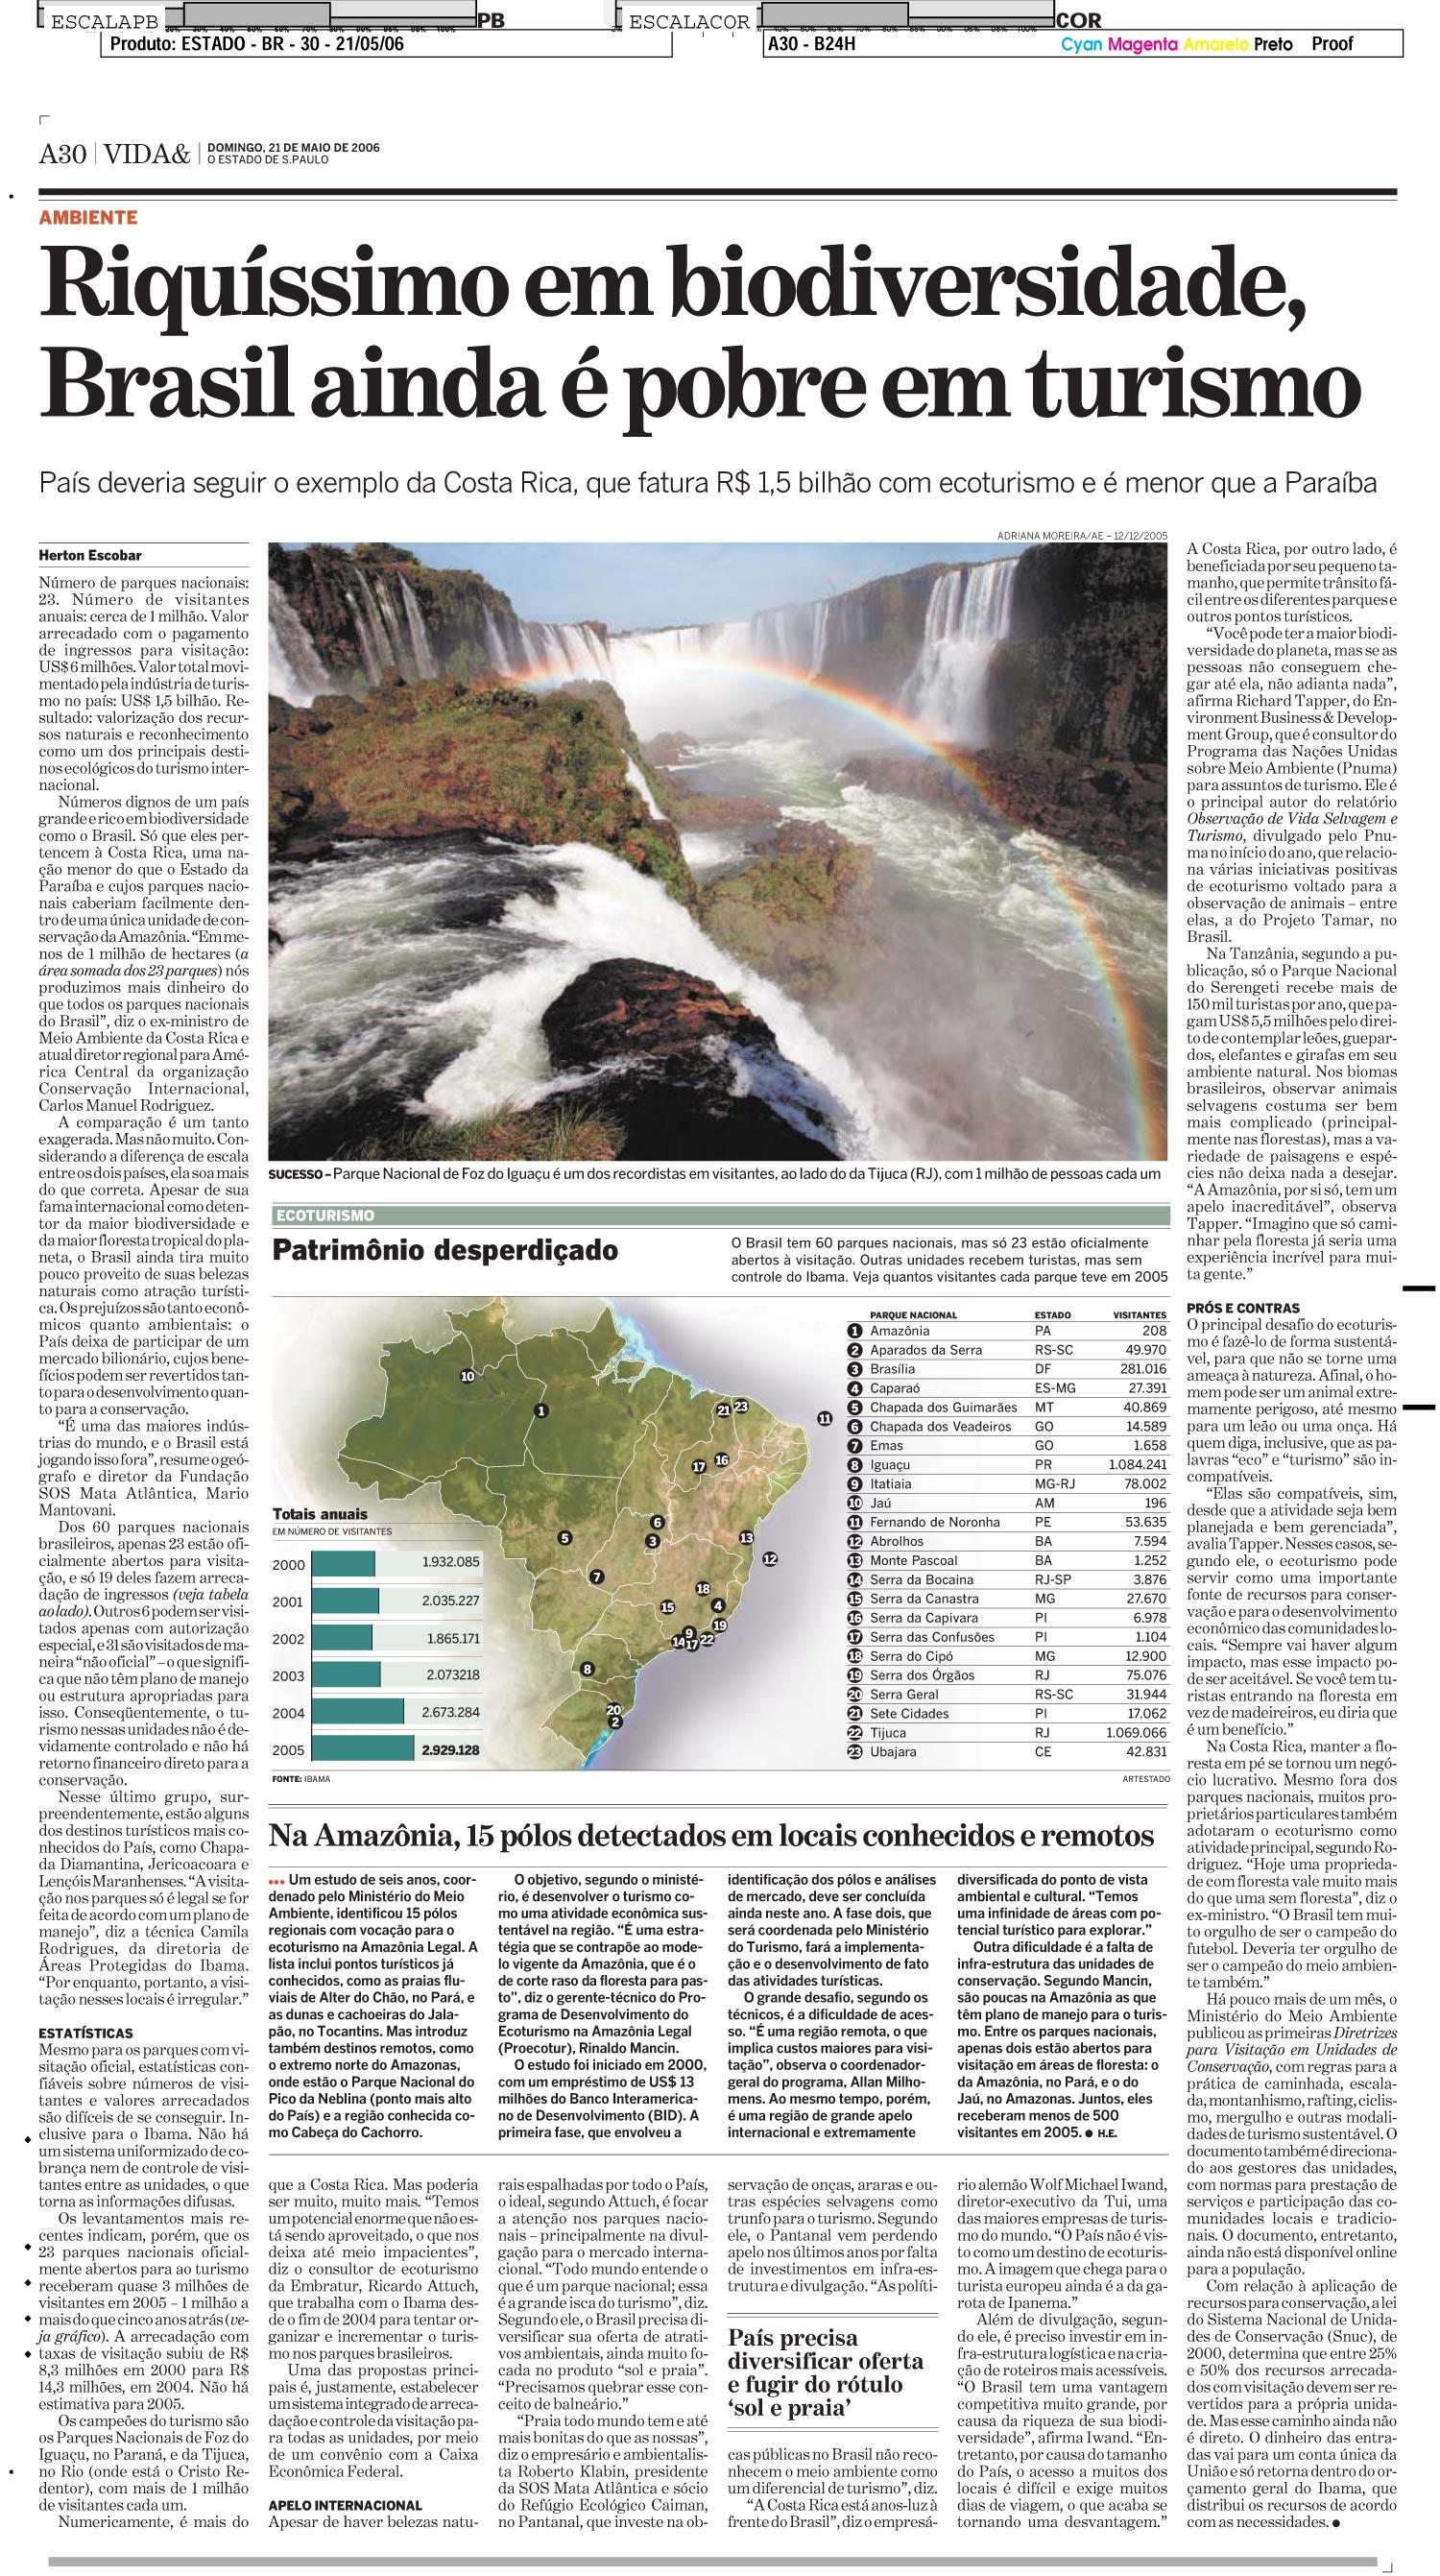 Riquíssimo em biodiversidade, Brasil ainda é pobre em turismo